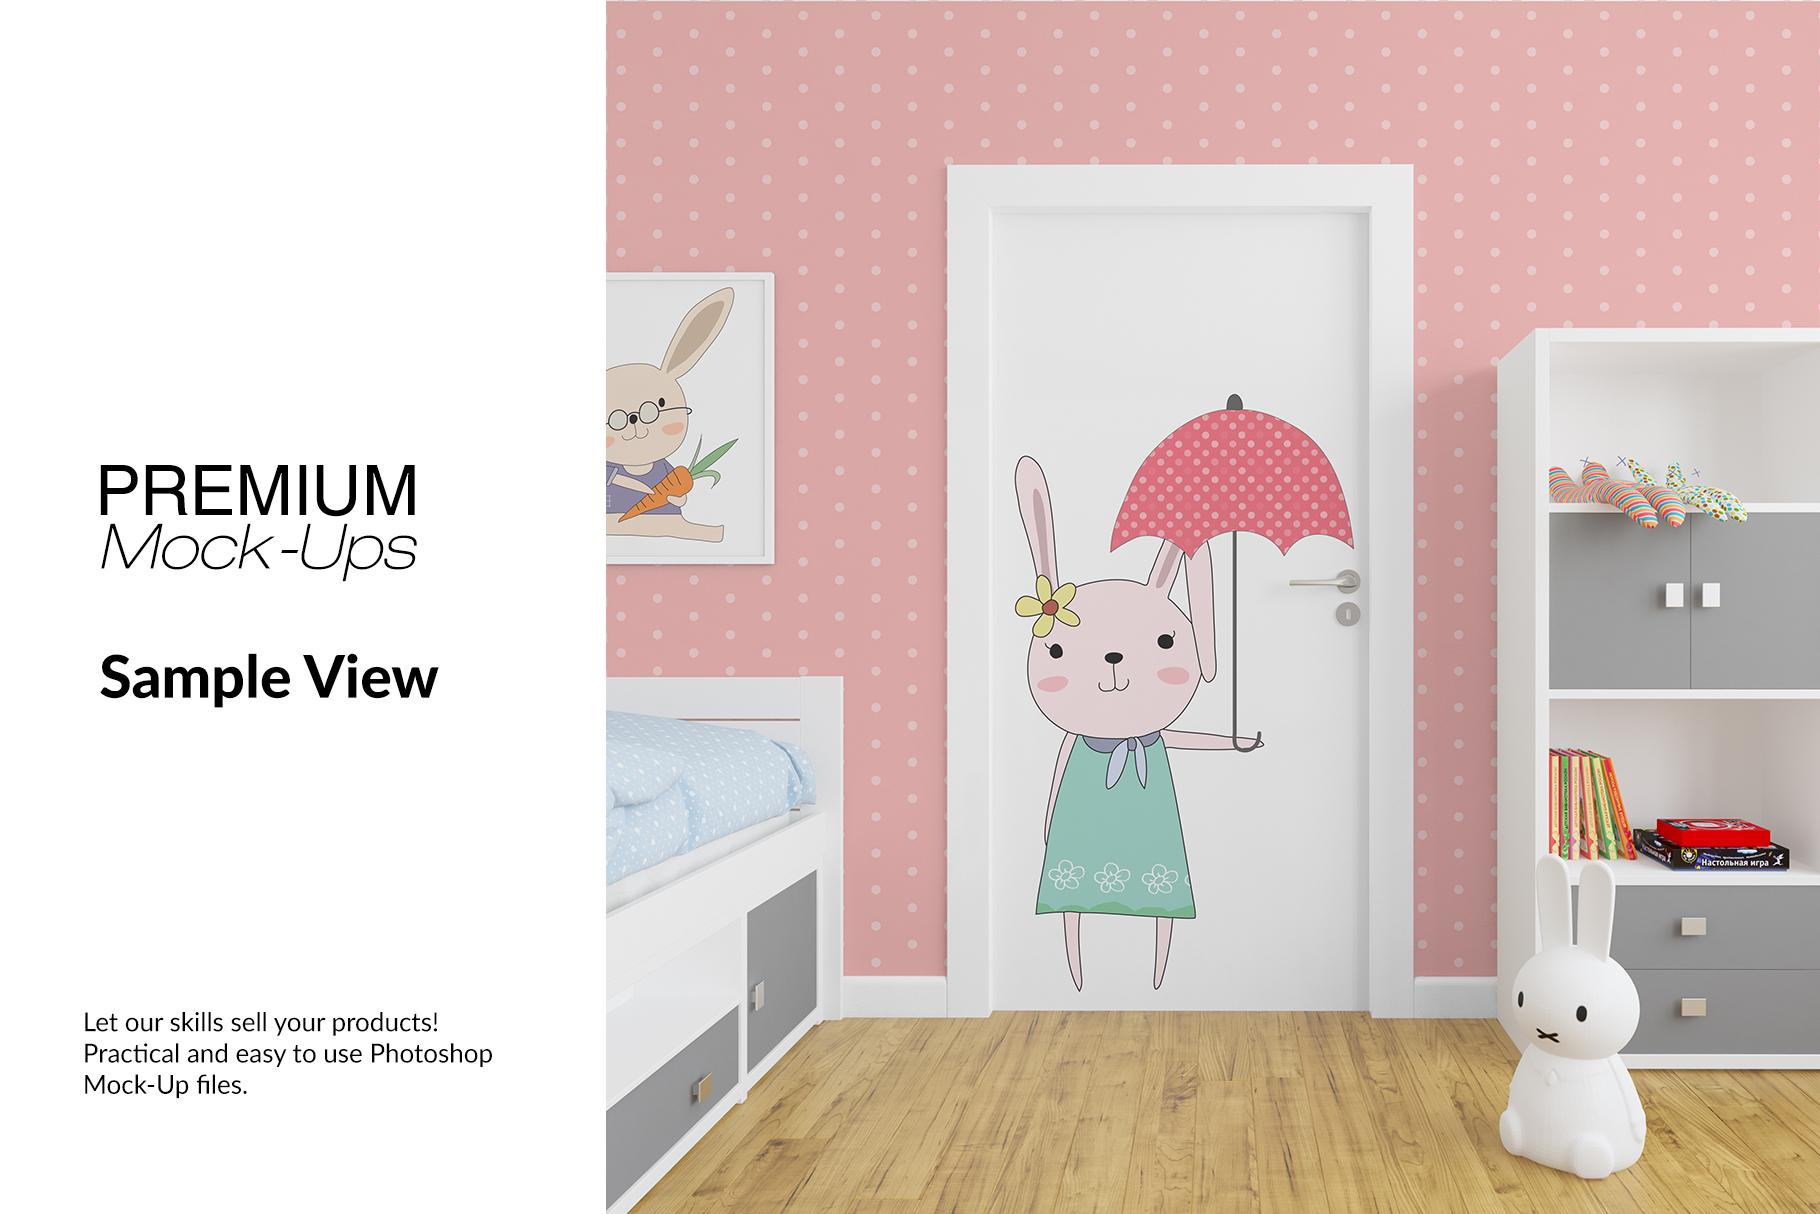 Door Murals in Nursery Set example image 10